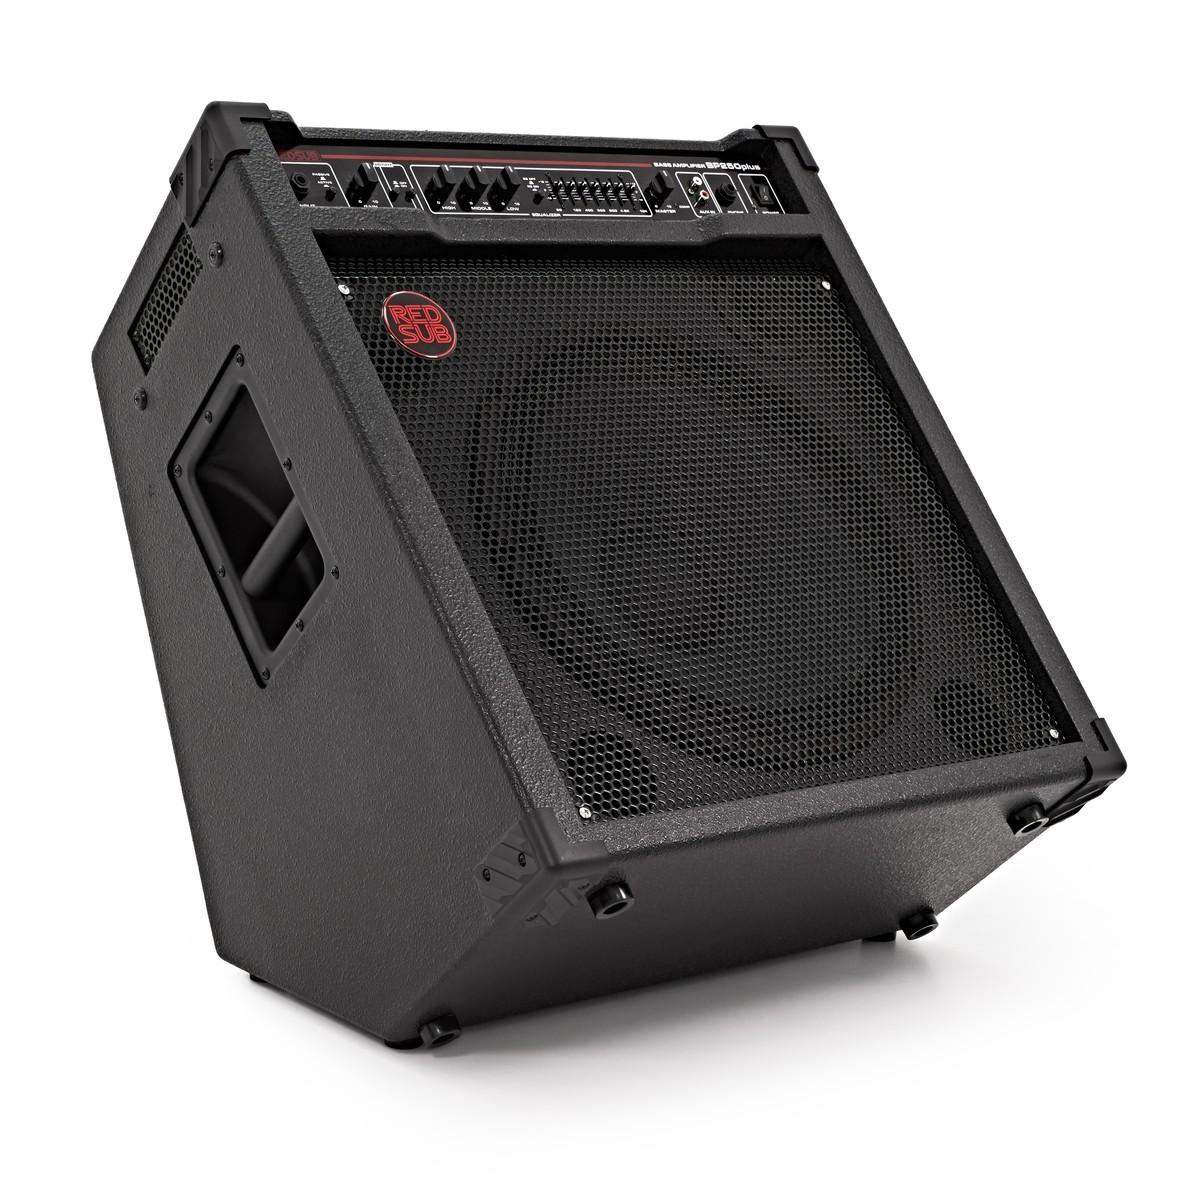 Bass Guitar To Amp : redsub bp250plus 250w bass guitar amplifier at gear4music ~ Hamham.info Haus und Dekorationen